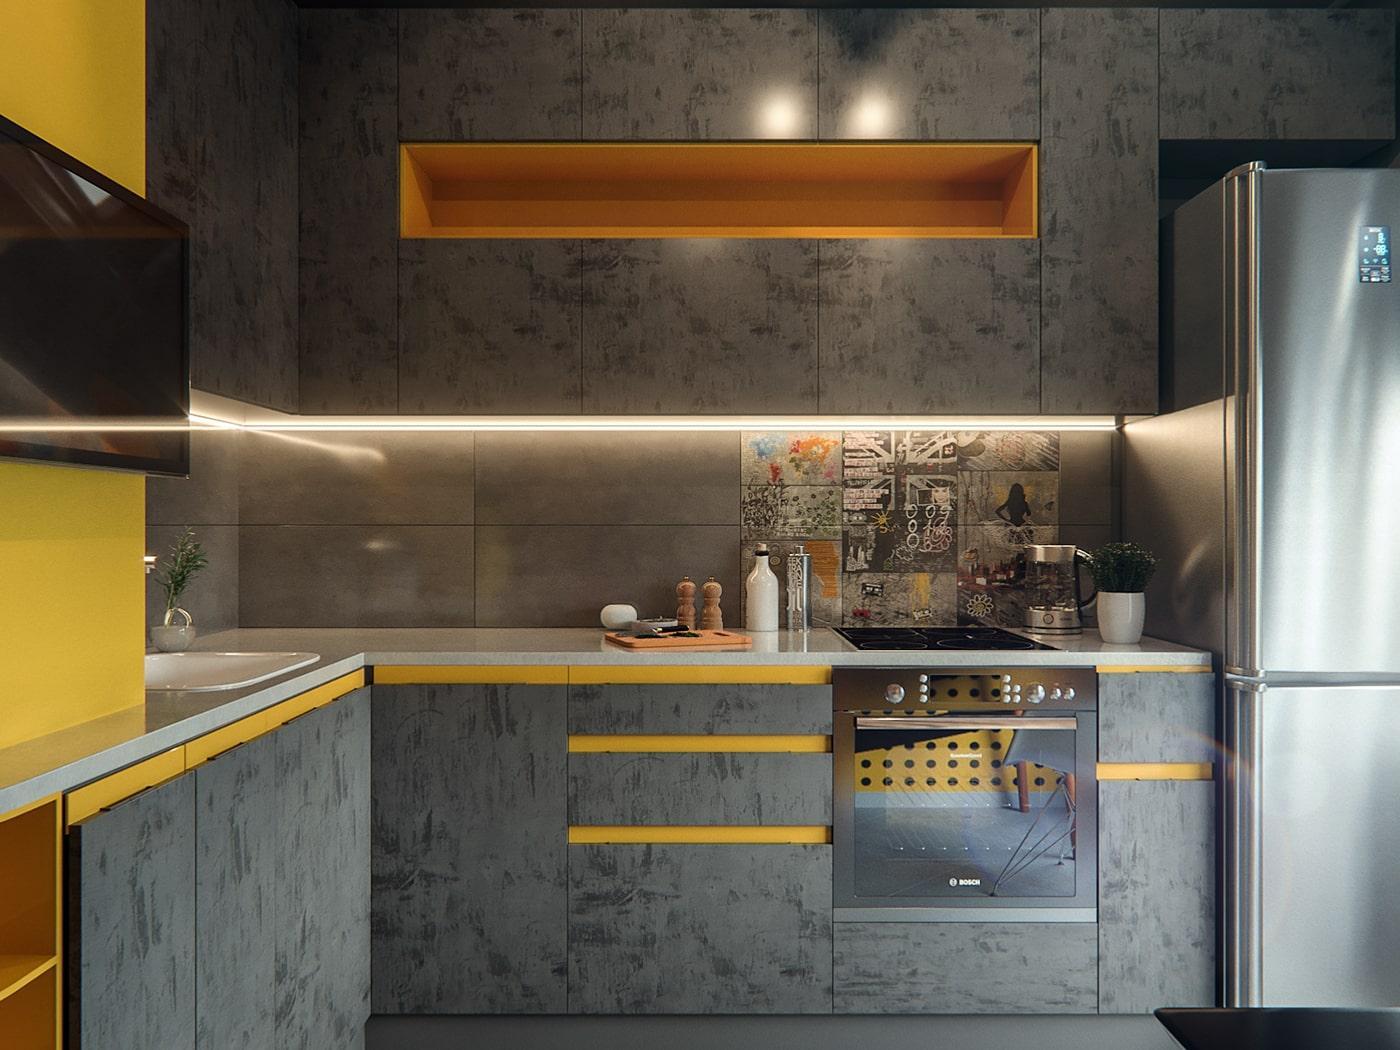 Угловая кухня с текстурными серыми фасадами и желтыми вставками 2